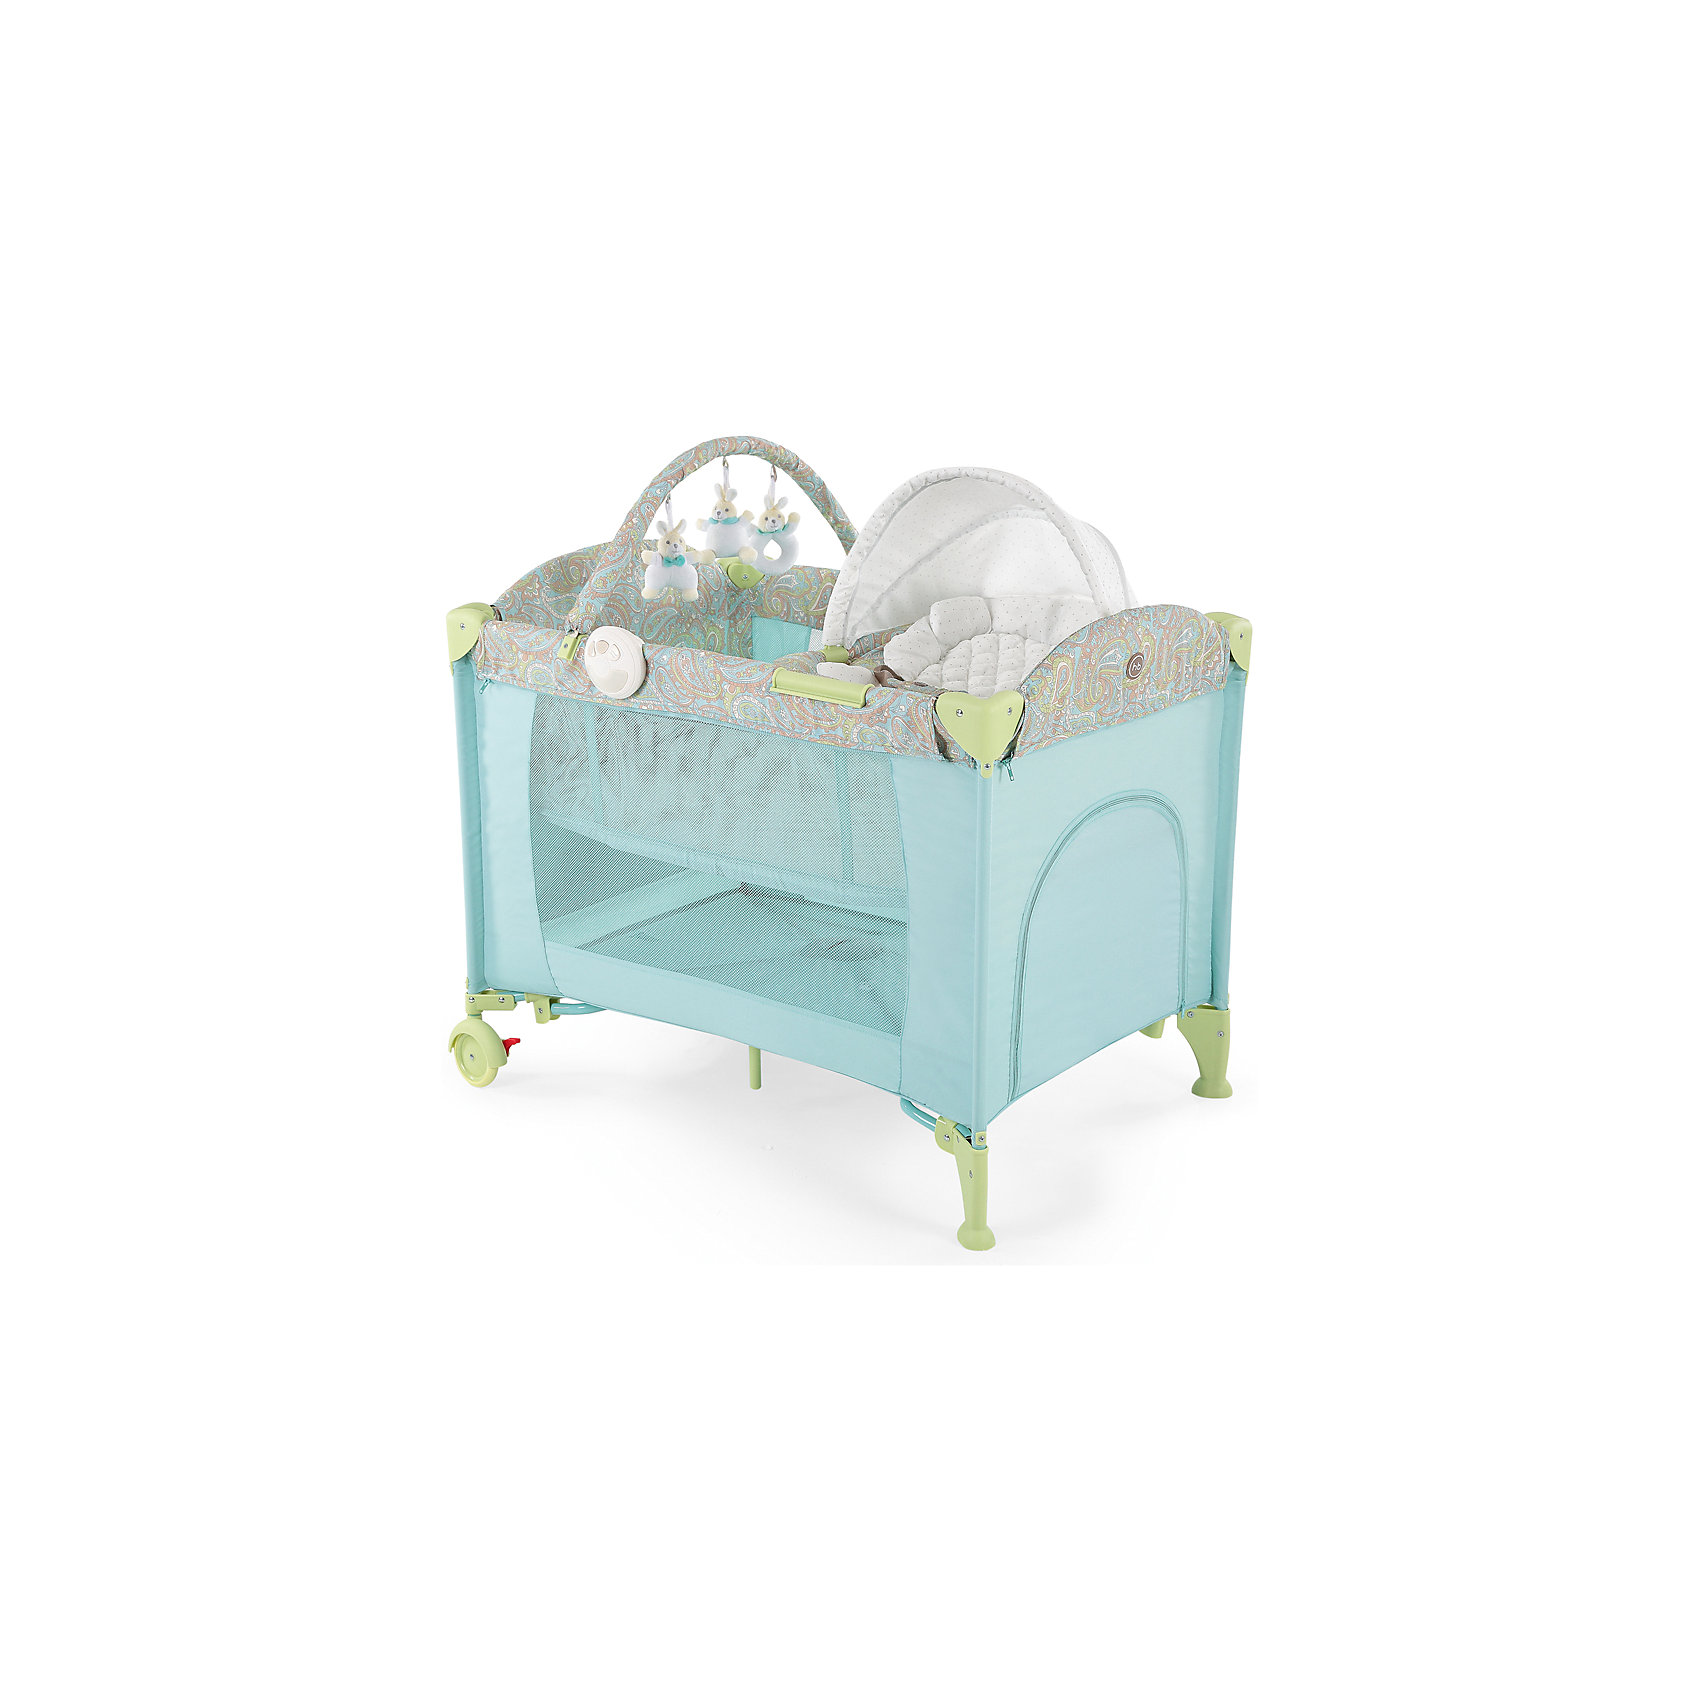 Кровать-манеж LAGOON V2, Happy Baby, голубойМанежи-кровати<br>Кровать-манеж LAGOON V2, Happy Baby, голубой.<br><br>Характеристики:<br><br>• можно использовать в качестве кроватки или шезлонга<br>• имеет второе дно для новорожденных малышей<br>• шезлонг можно использовать как качалку или как пеленальный столик<br>• есть дуга с игрушками <br>• съемные силиконовые полозья для укачивания малыша<br>• вход сбоку на молнии<br>• есть карман и москитная сетка<br>• шезлонг оснащен ремнями безопасности<br>• блок с подсветкой и вибрацией <br>• компактна в собранном виде<br>• материал: пластик, металл, полиэстер<br>• вес: 13,2 кг<br>• размер в разложенном виде: 110х80х85 см<br>• размер шезлонга: 73х47х34 см<br>• размер в собранном виде: 27х24х80 см<br>• цвет: голубой<br><br>Универсальная кровать-манеж lagoon v2 от известной марки Happy Baby можно использовать как манеж, кроватку или шезлонг. Манеж имеет второе дно для малышей. Шезлонг тоже можно использовать в двух вариантах: качалка и пеленальный столик. Для этого достаточно установить шезлонг на полозья, либо на бортики. Уберите второе дно - и манеж легко превратится из спального места в игровую площадку!  Кроме того, манеж имеет много приятных мелочей, которые облегчат жизнь родителей: дополнительный лаз на молнии, карман для полезных вещей, дуга с мягкими зайчиками и многое другое. Для вашего удобства манеж оснащен колесиками и очень компактен в собранном виде. Кровать-манеж lagoon v2 - лучший выбор заботливых родителей!<br><br>Кровать-манеж LAGOON V2, Happy Baby, голубой вы можете купить в нашем интернет-магазине.<br><br>Ширина мм: 270<br>Глубина мм: 270<br>Высота мм: 810<br>Вес г: 13830<br>Цвет: голубой<br>Возраст от месяцев: 0<br>Возраст до месяцев: 36<br>Пол: Унисекс<br>Возраст: Детский<br>SKU: 5148402